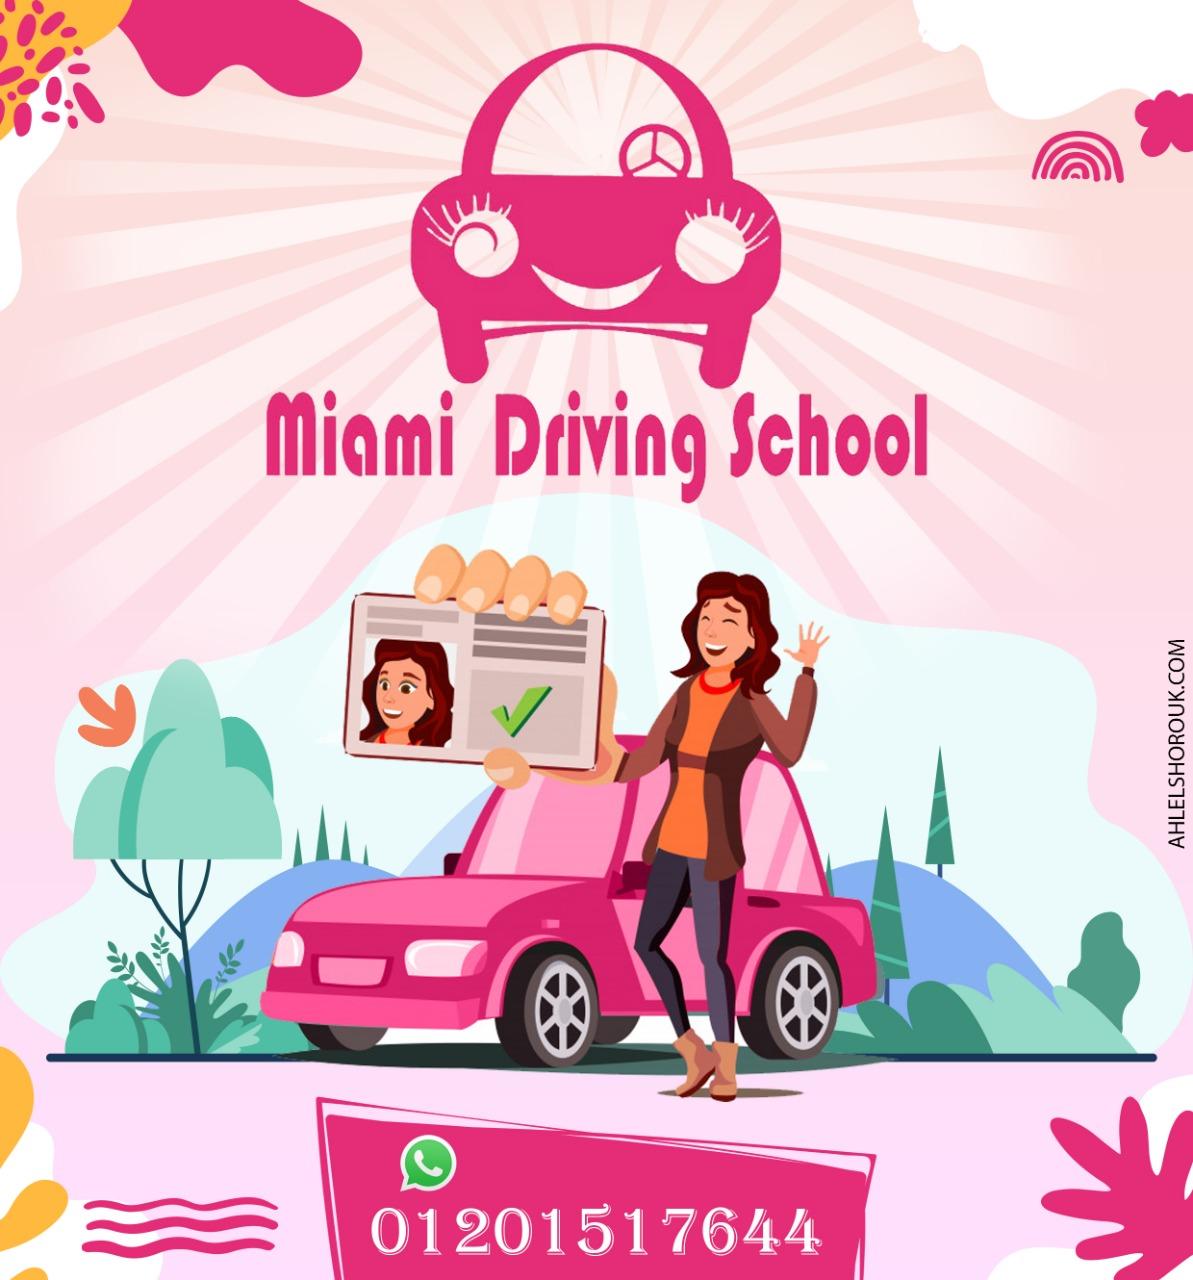 Miami Driving School